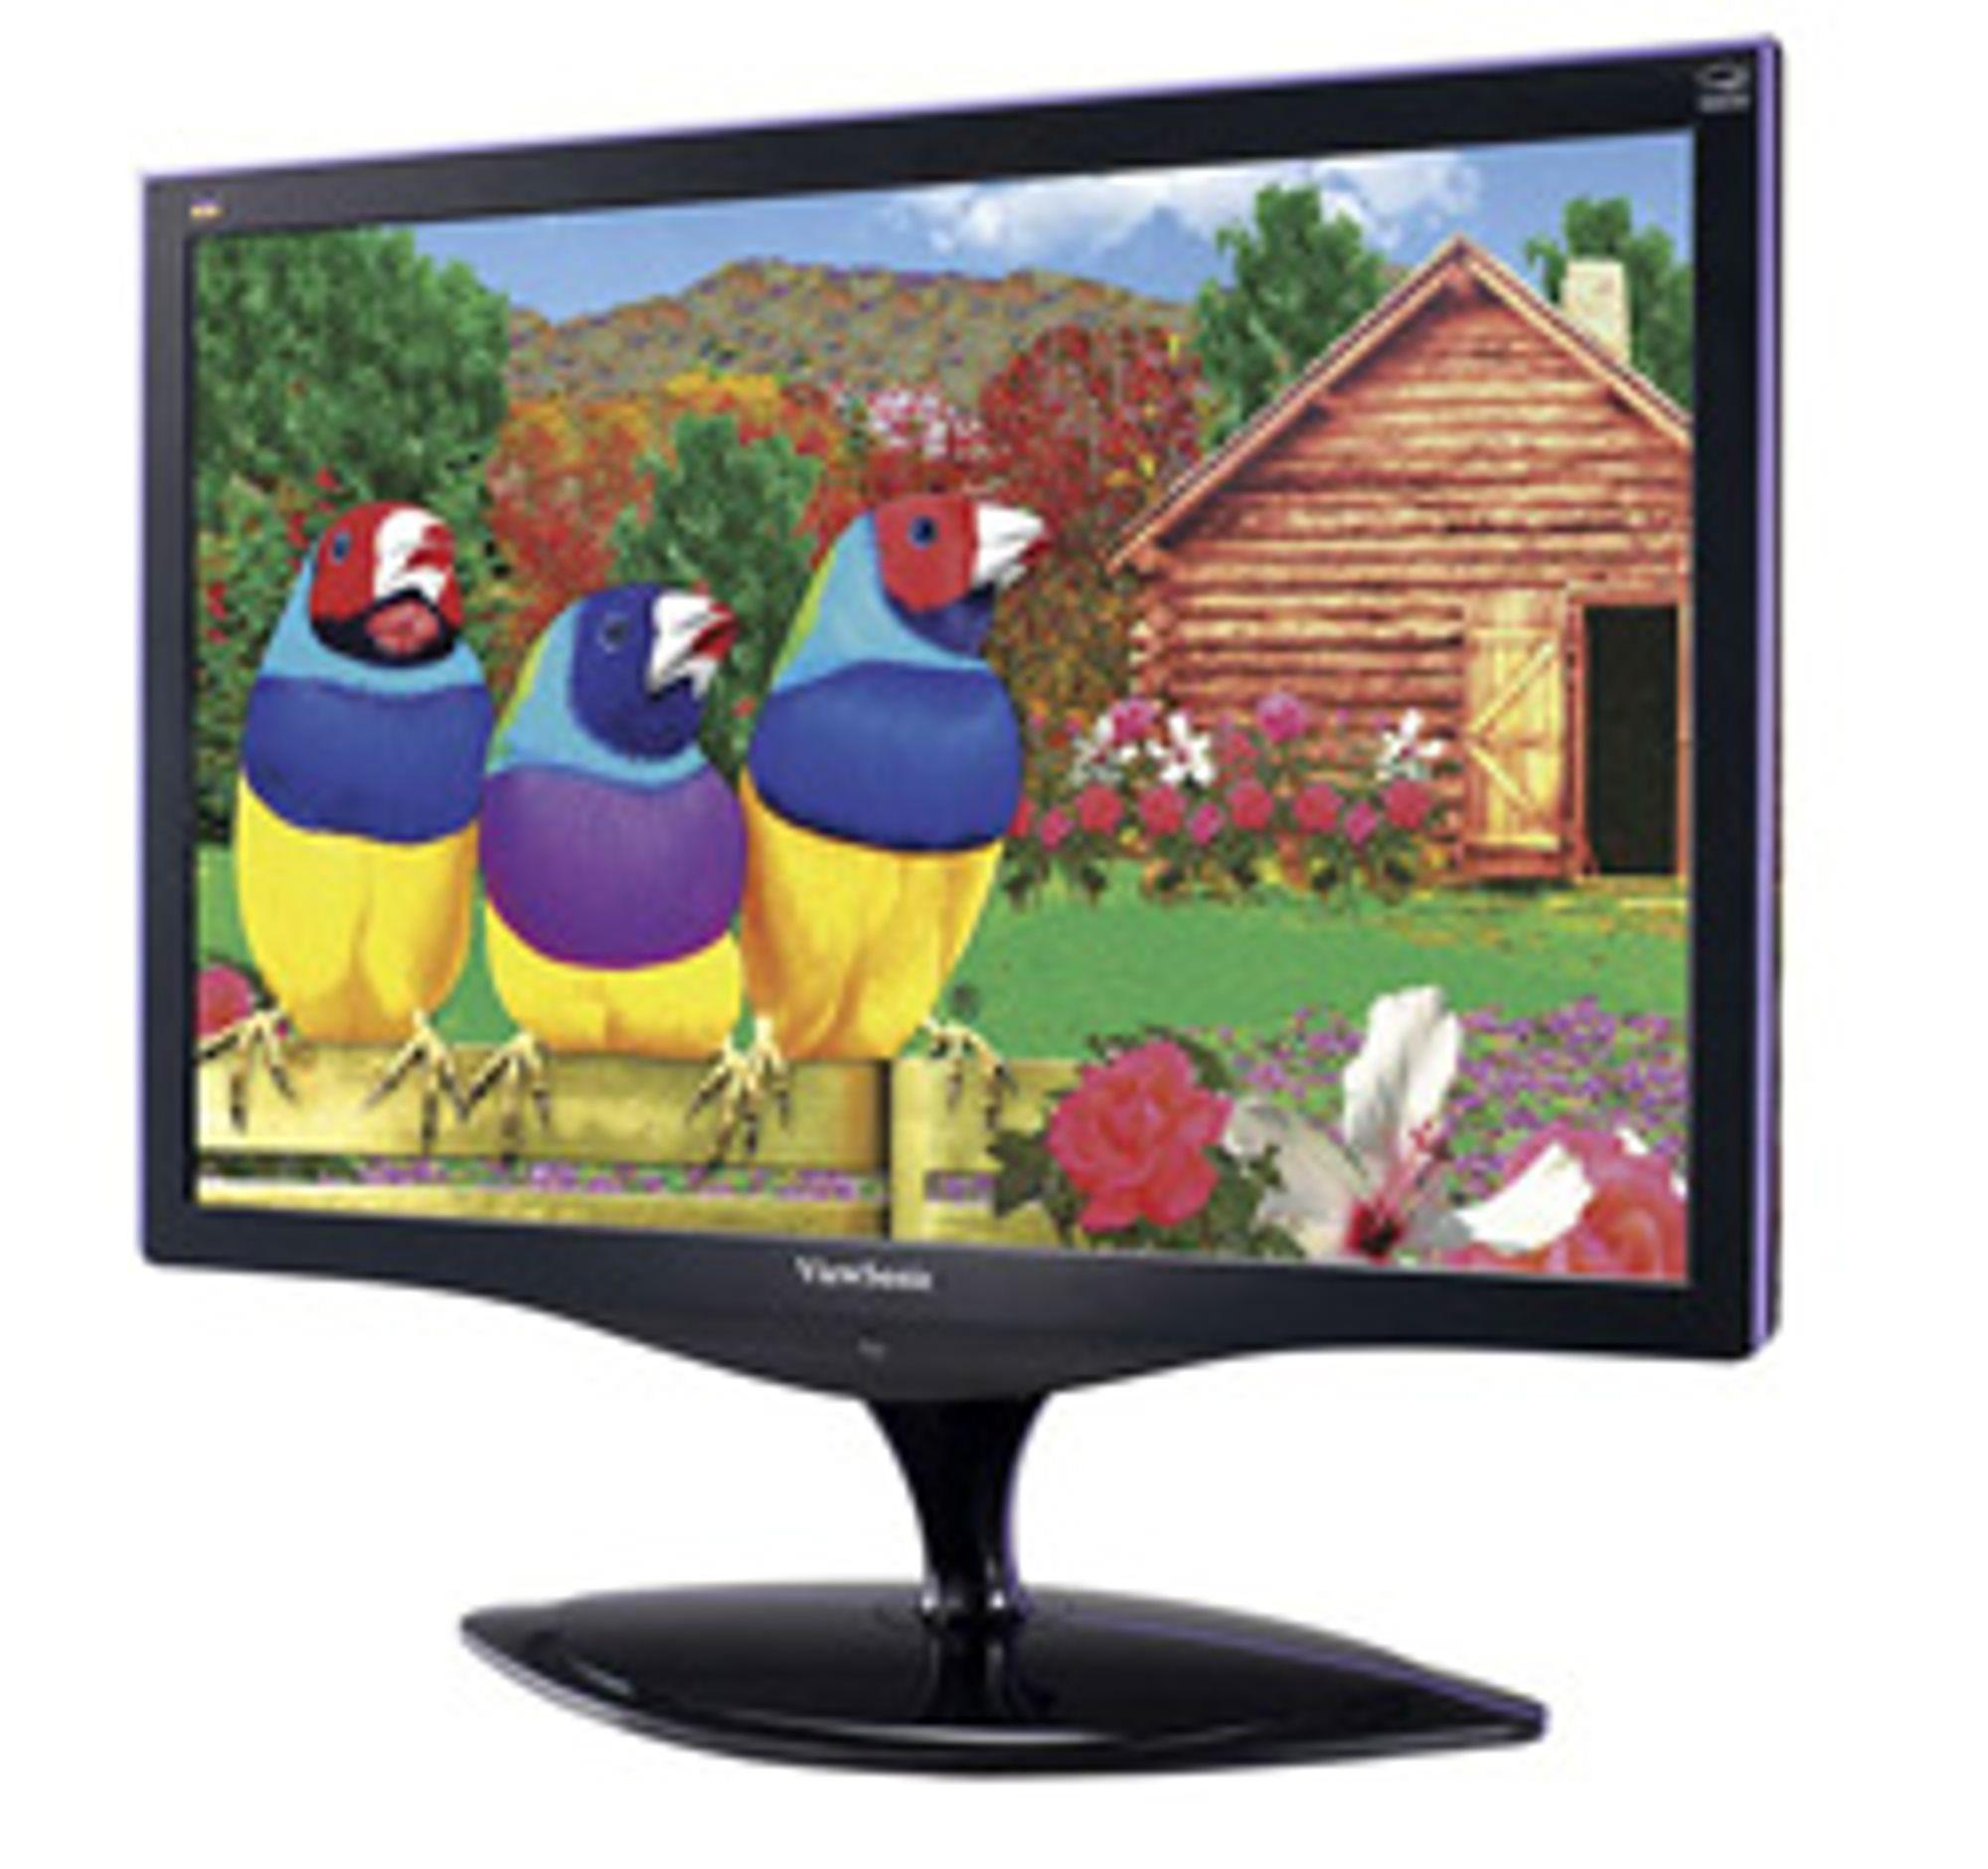 Viewsonics nye skjermer. (Foto: Viewsonic)